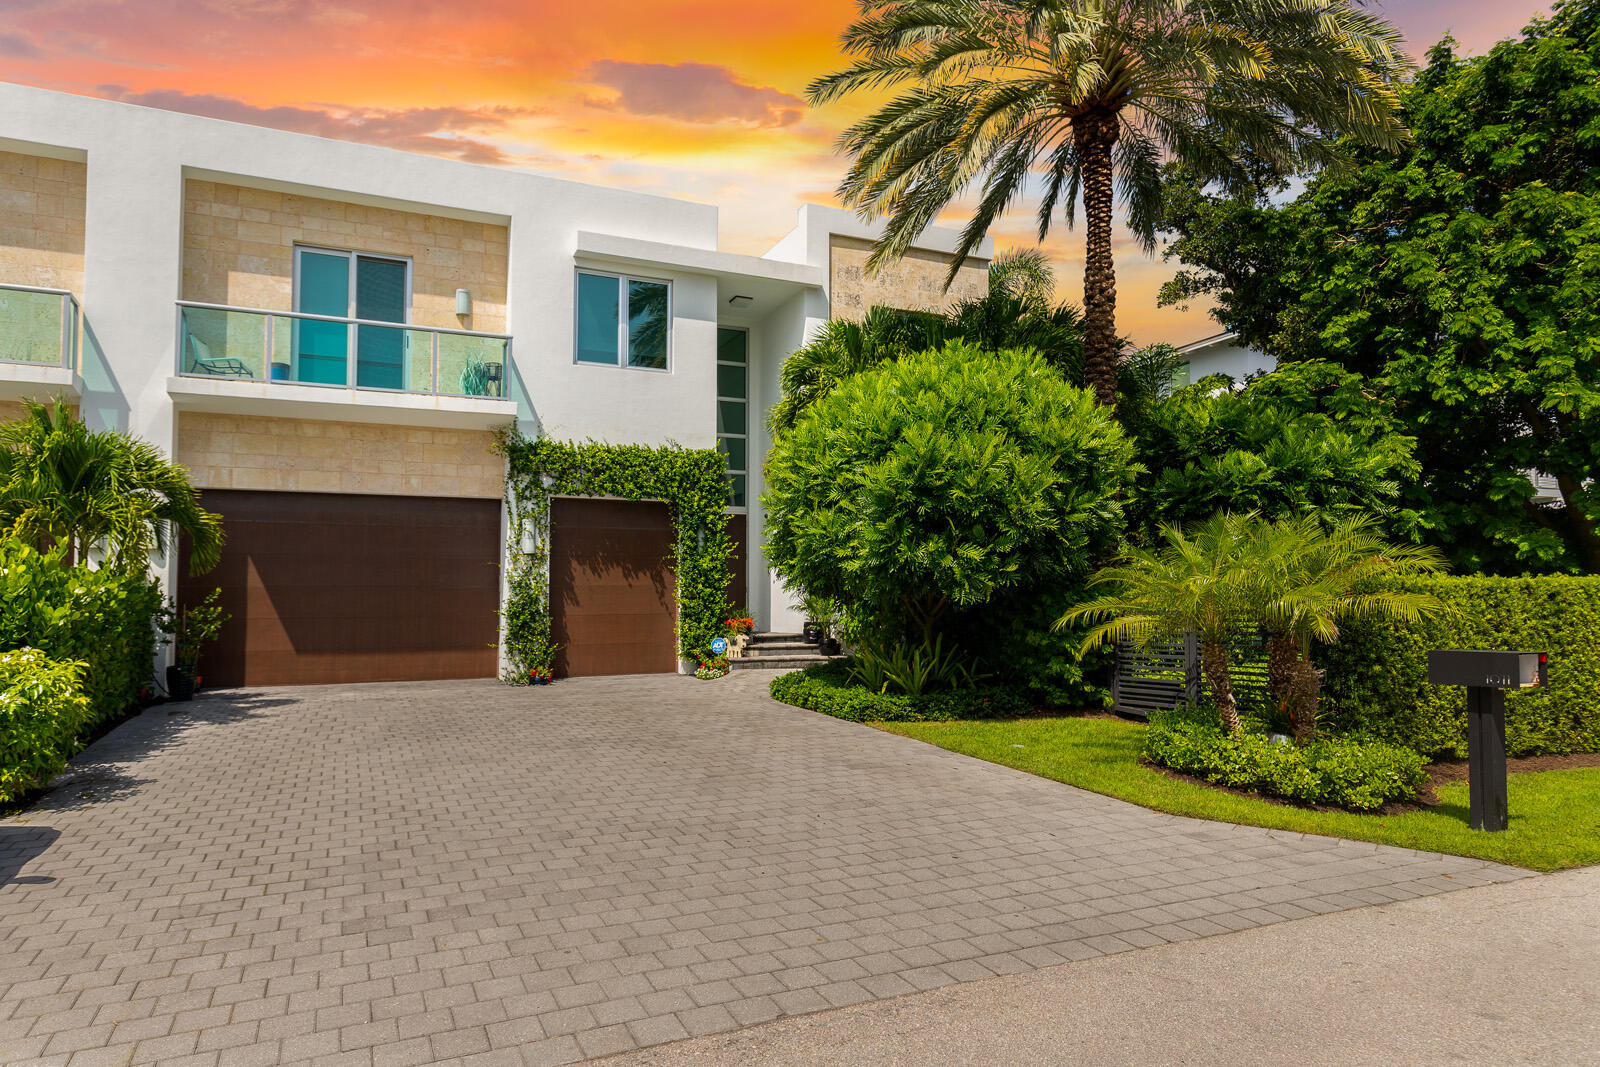 1011 Bucida Road, Delray Beach, Florida 33483, 5 Bedrooms Bedrooms, ,5 BathroomsBathrooms,Townhouse,For Sale,Bucida,RX-10745769